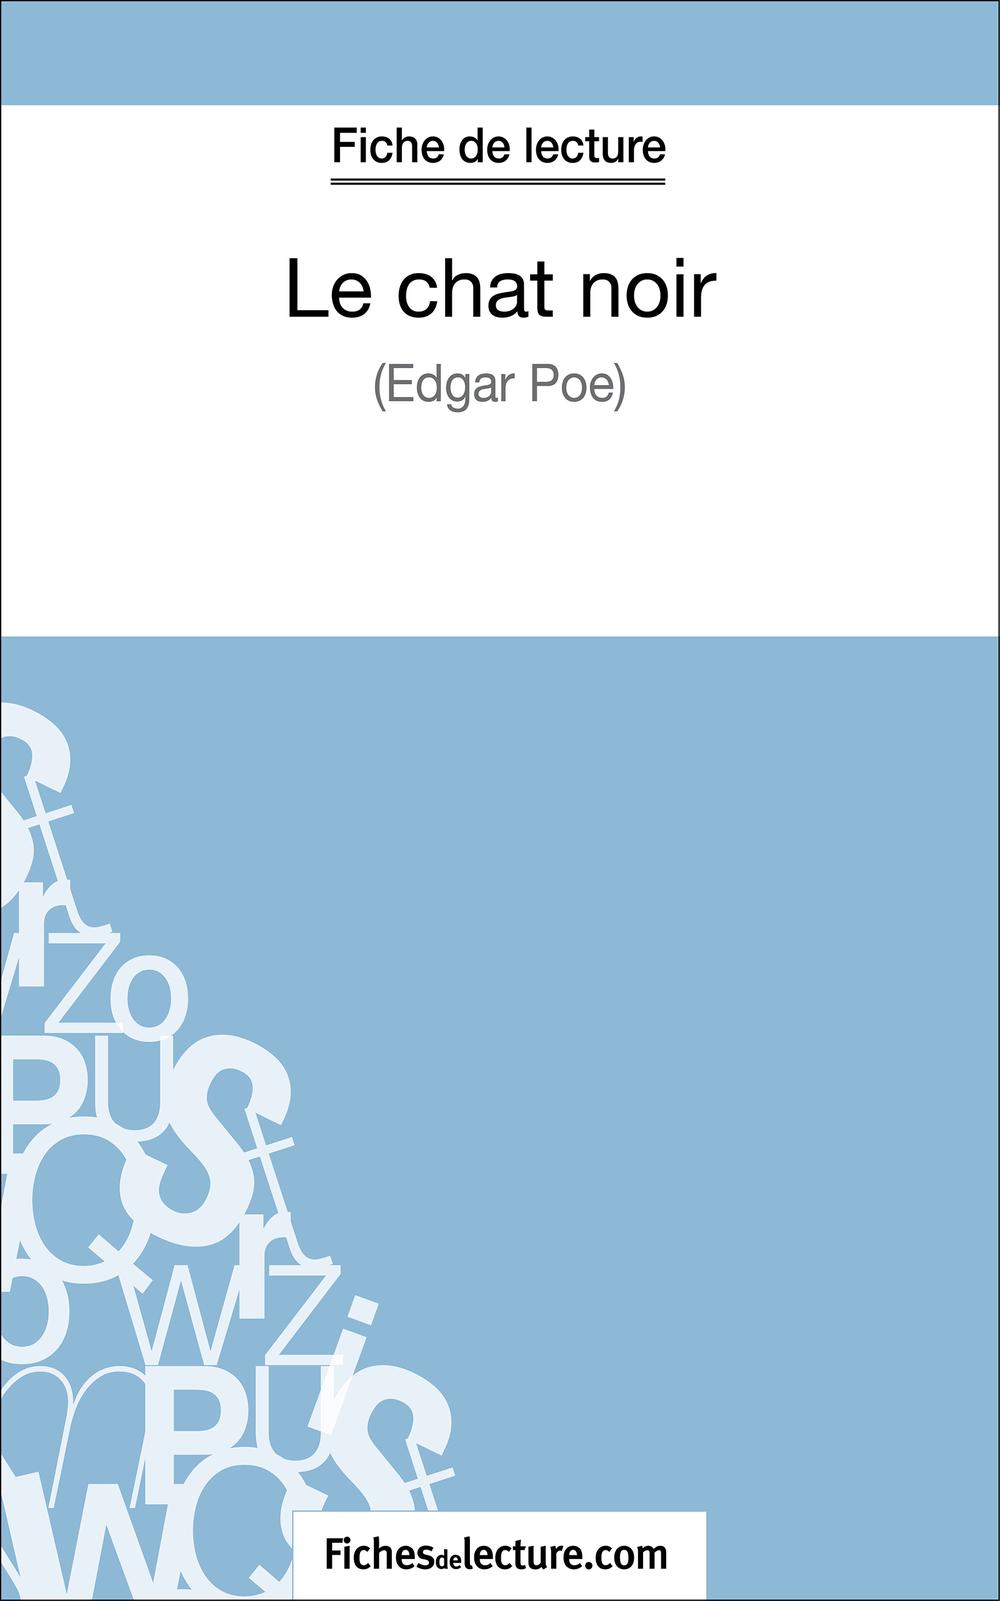 Le chat noir d'Edgar Poe (Fiche de lecture)